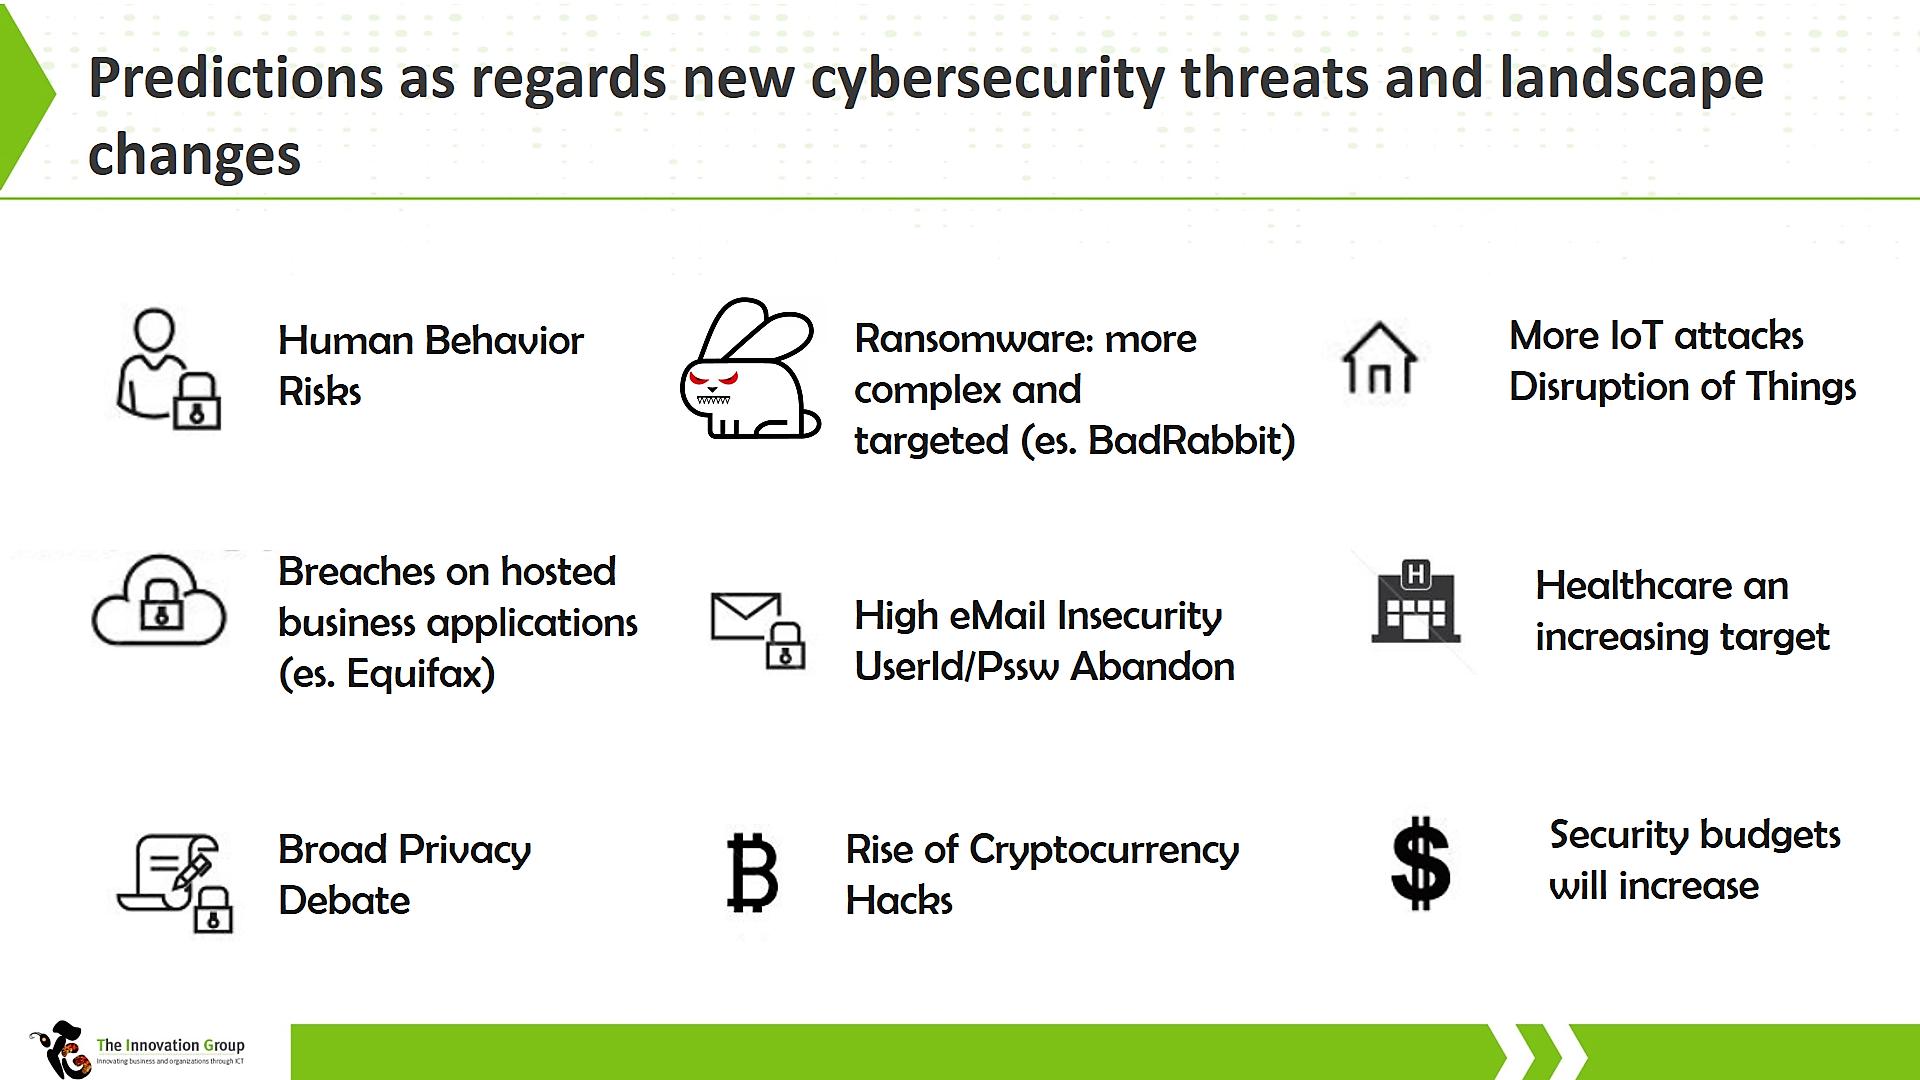 Le previsioni per la Cybersecurity: cosa aspettarsi nel 2018